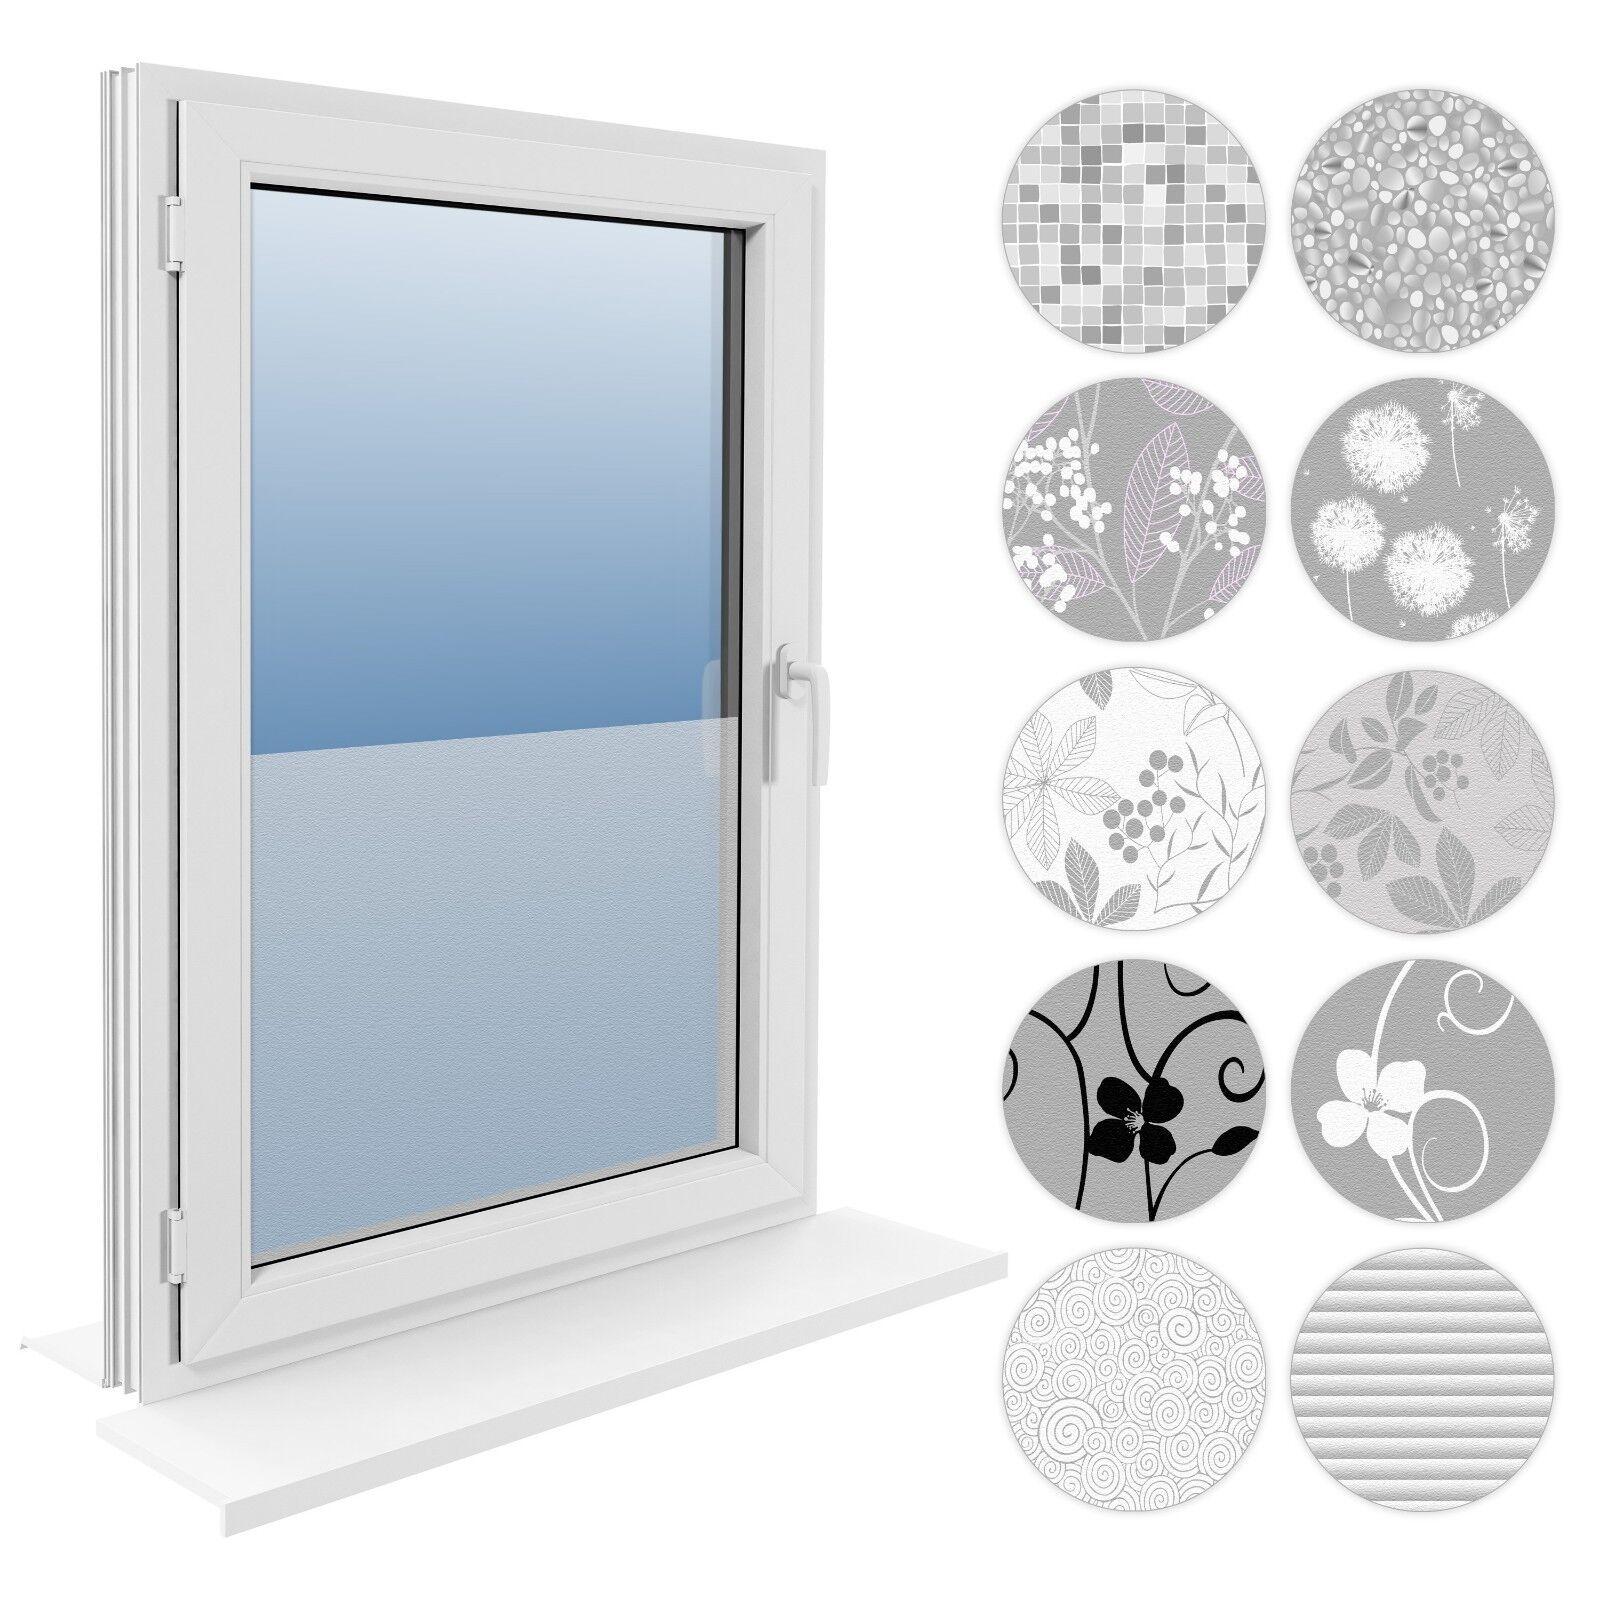 90 cm Fensterfolie Statische Sichtschutzfolie Milchglasfolie Glasdekorfolie